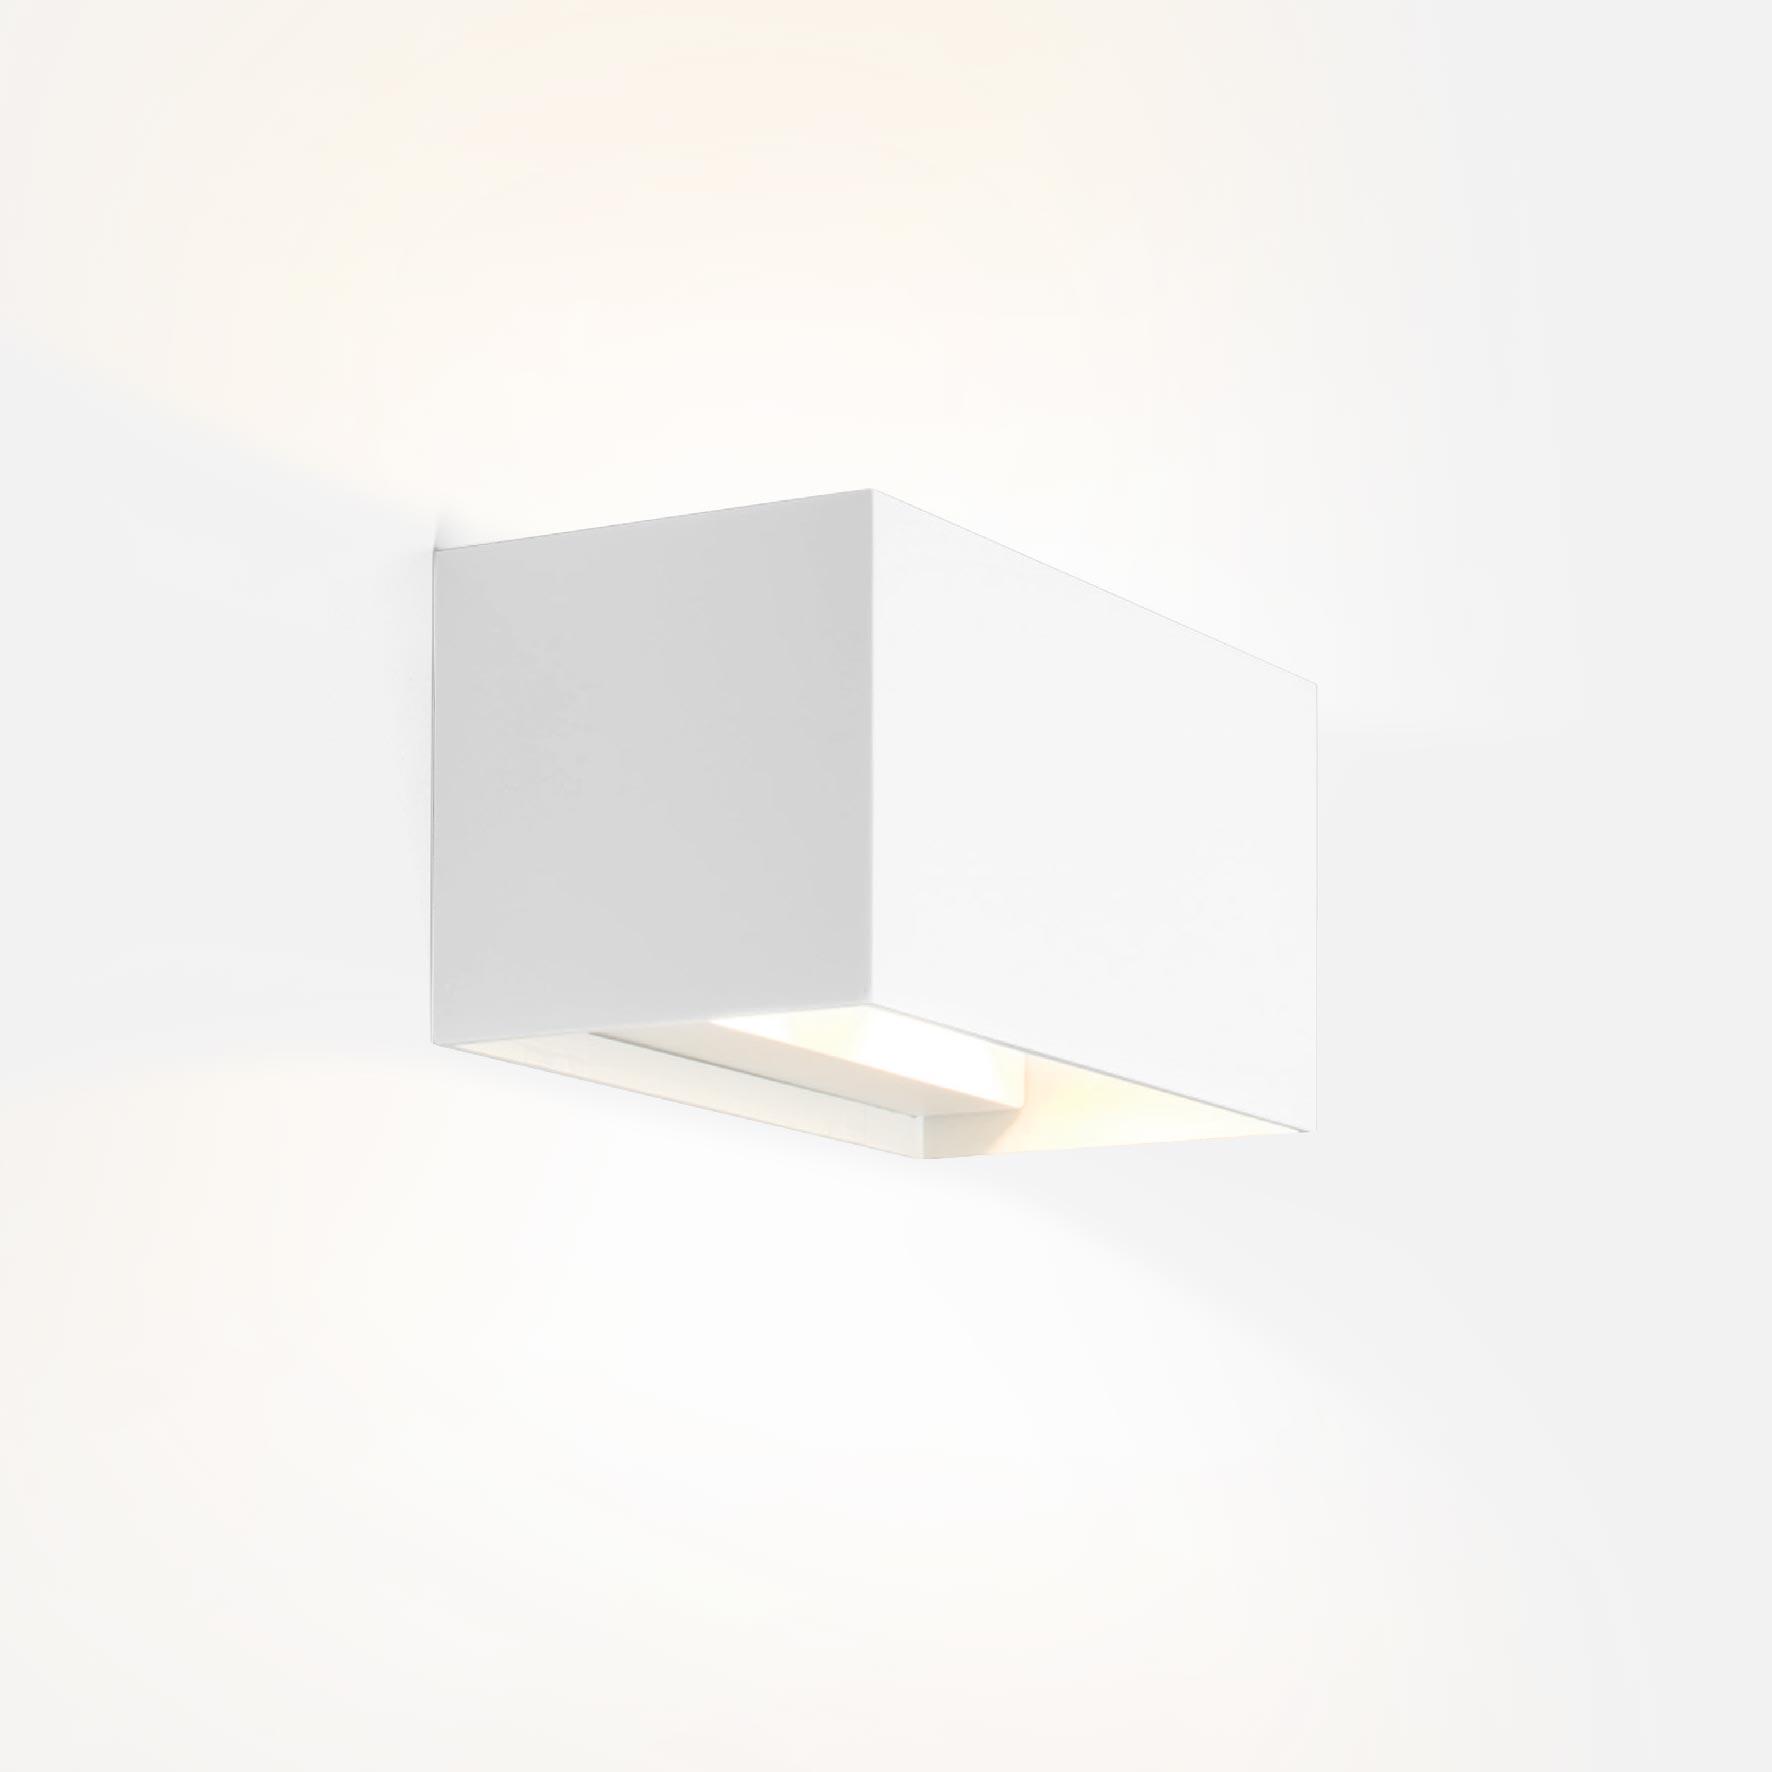 Boxx 1.0 white texture